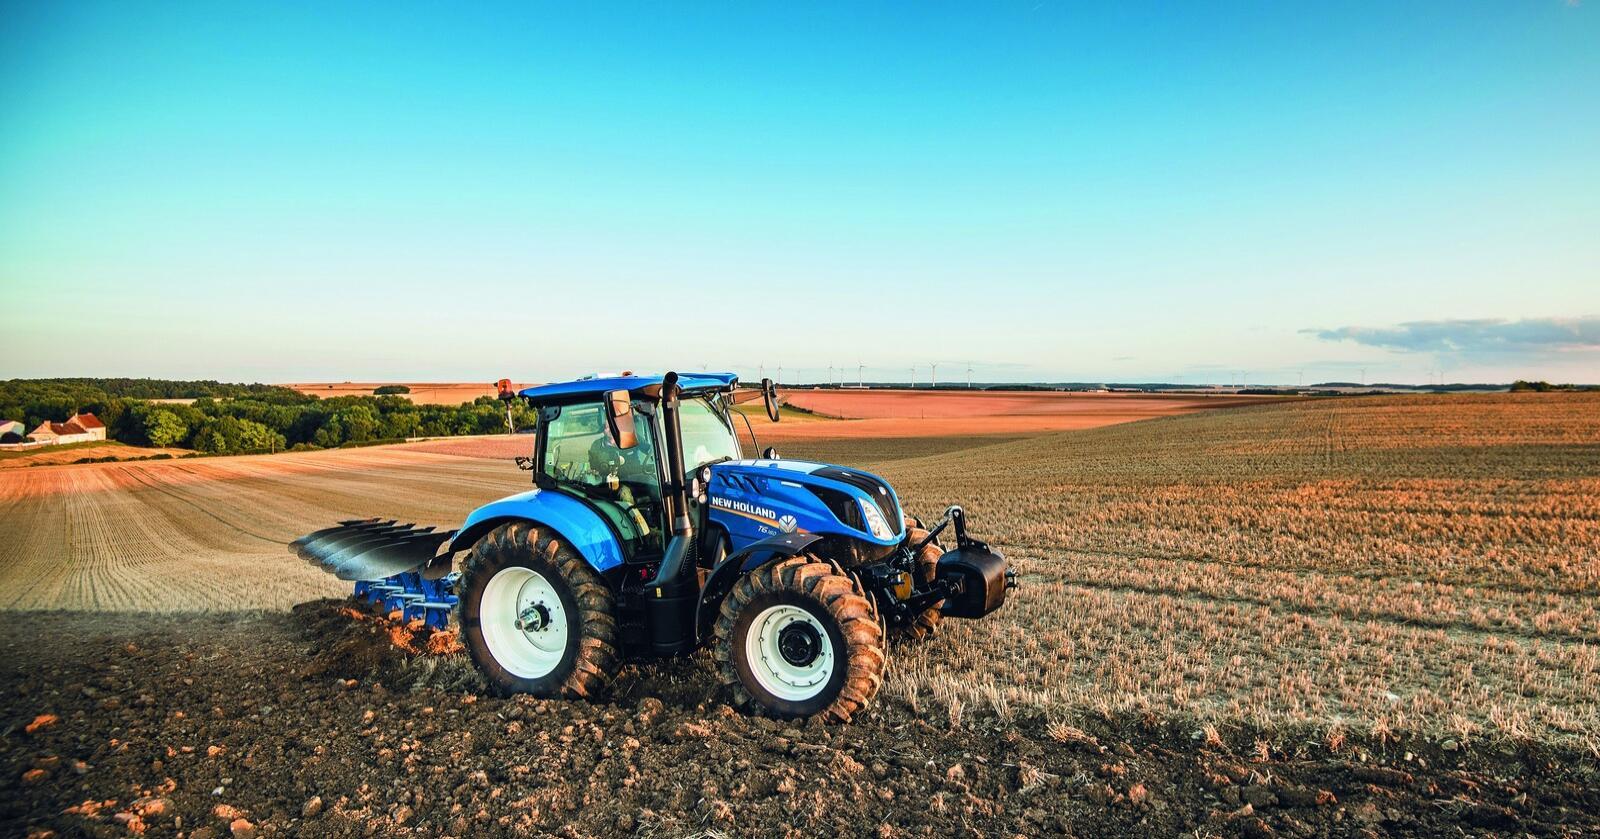 Seks sylindre: New Holland lanserer  T6.160 med sekssylindret motor og 135 hestekrefter.